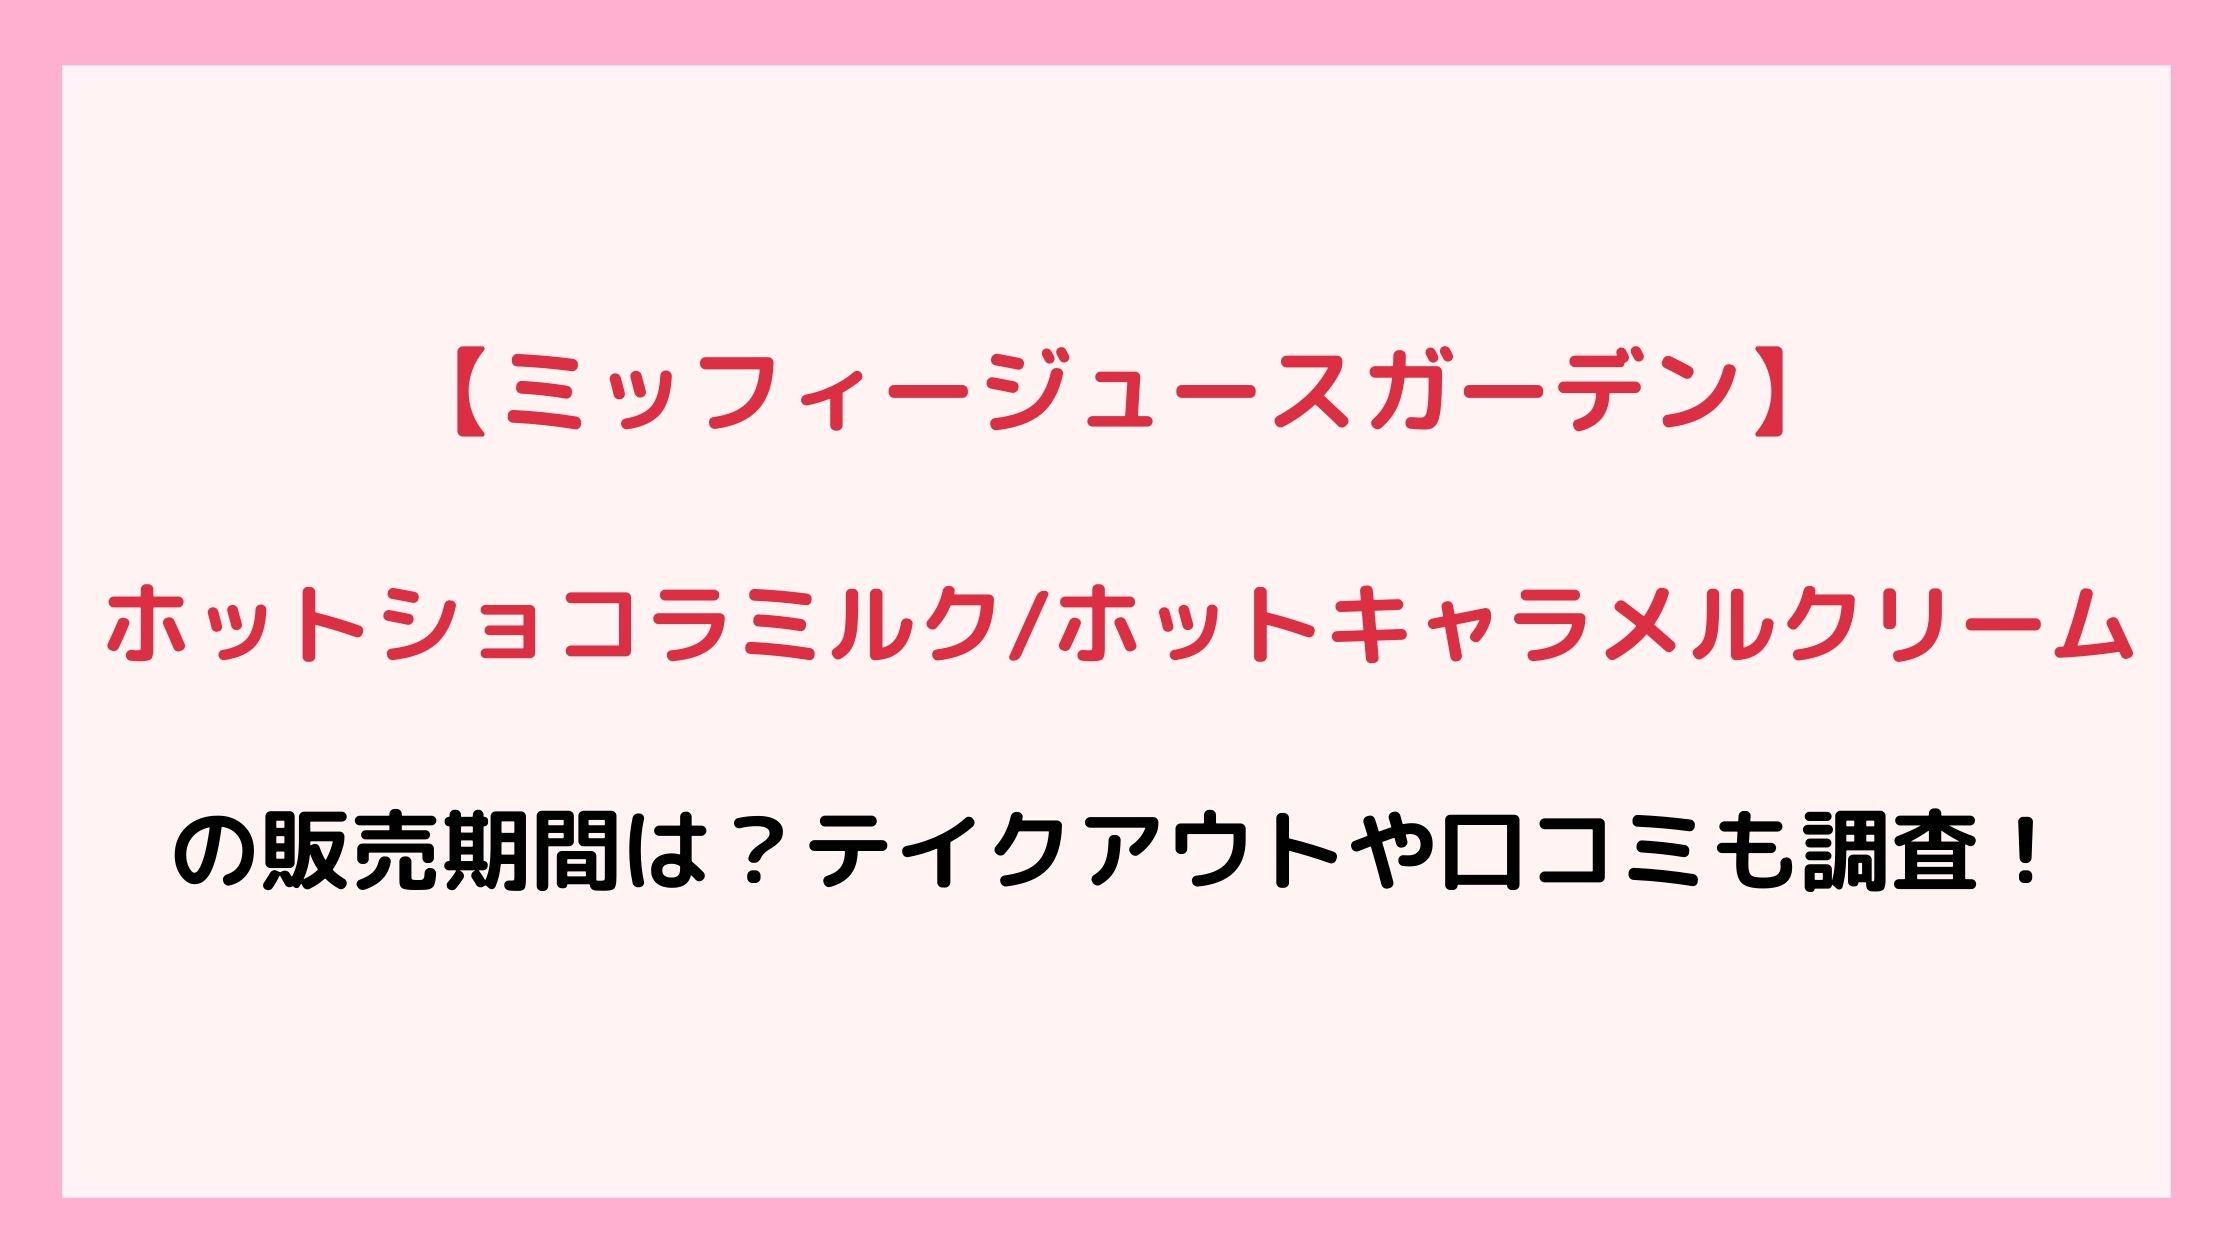 【ミッフィージュースガーデン】ショコラミルク/キャラメルクリームの販売期間は?テイクアウトや口コミも調査!